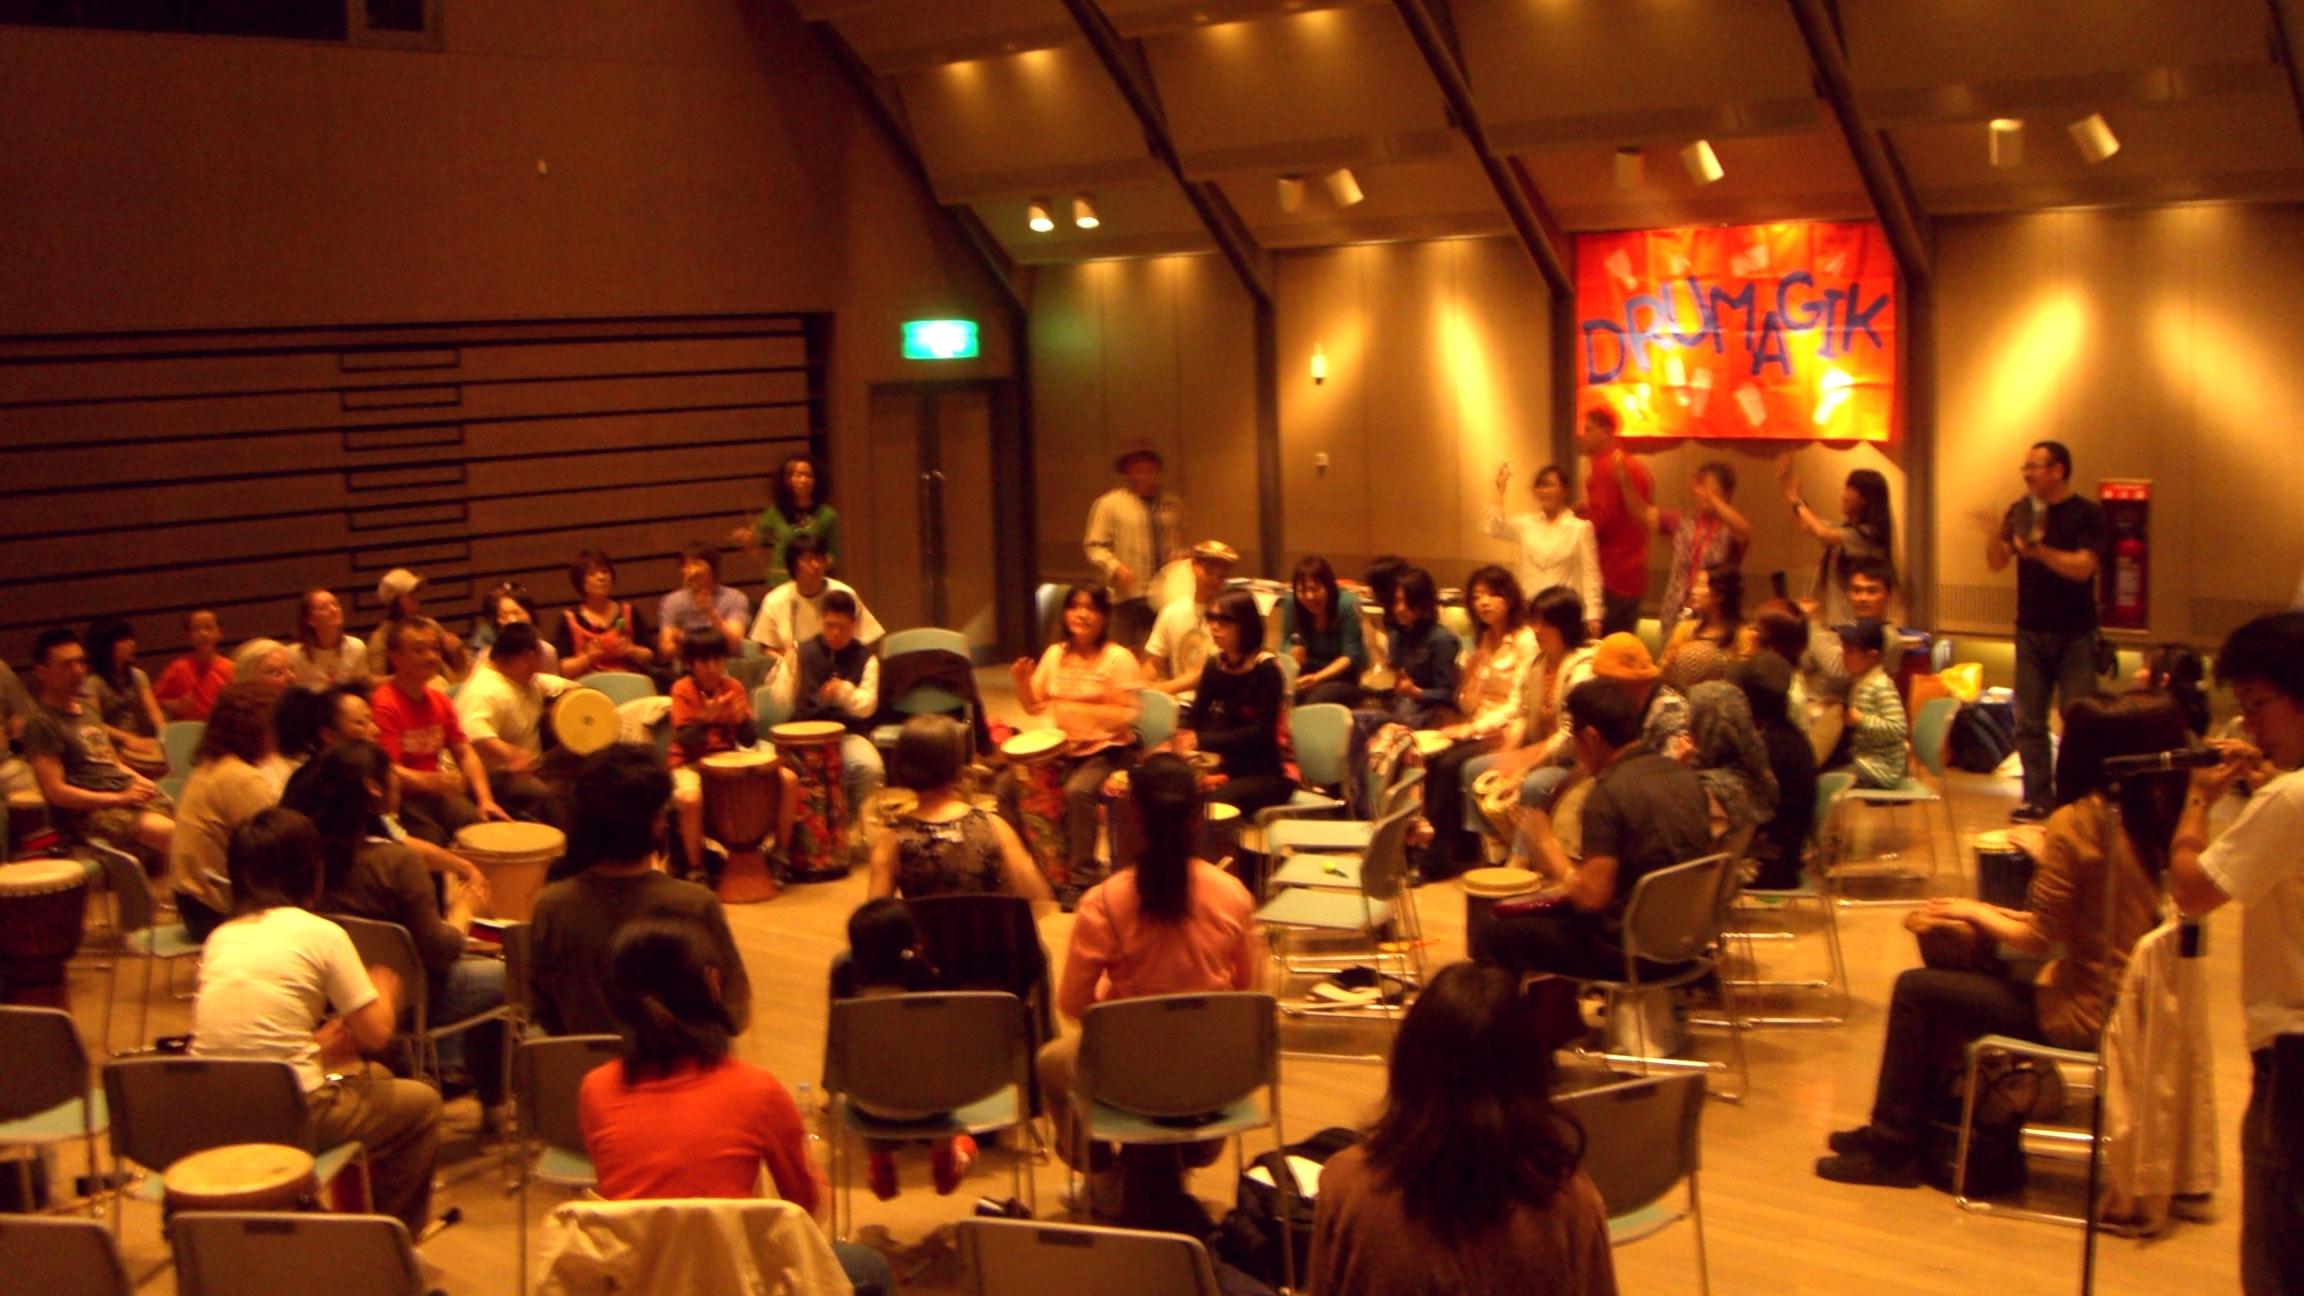 ジョナサン・マリー氏によるコミュニティ・ドラムサークル。八王子にて70人参加!